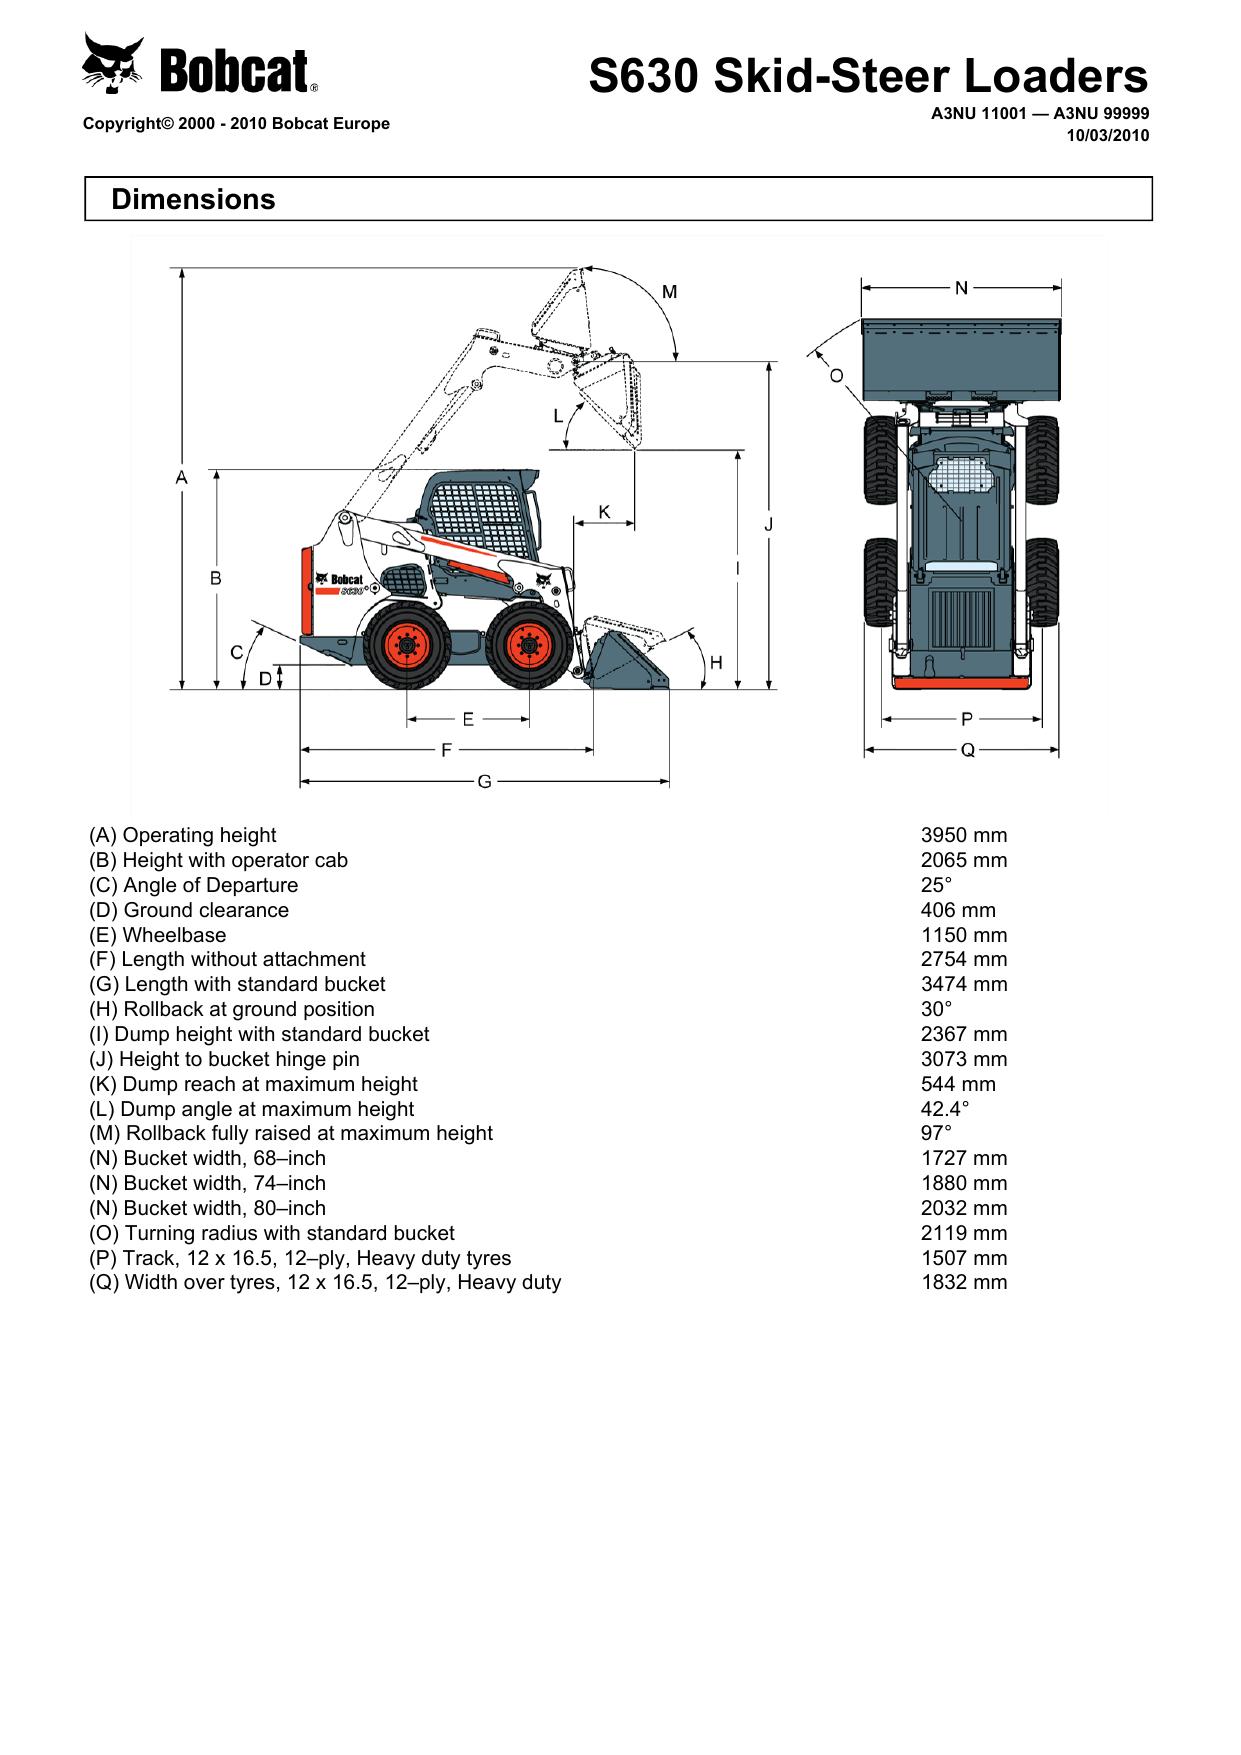 S630 Skid-Steer Loaders | manualzz com